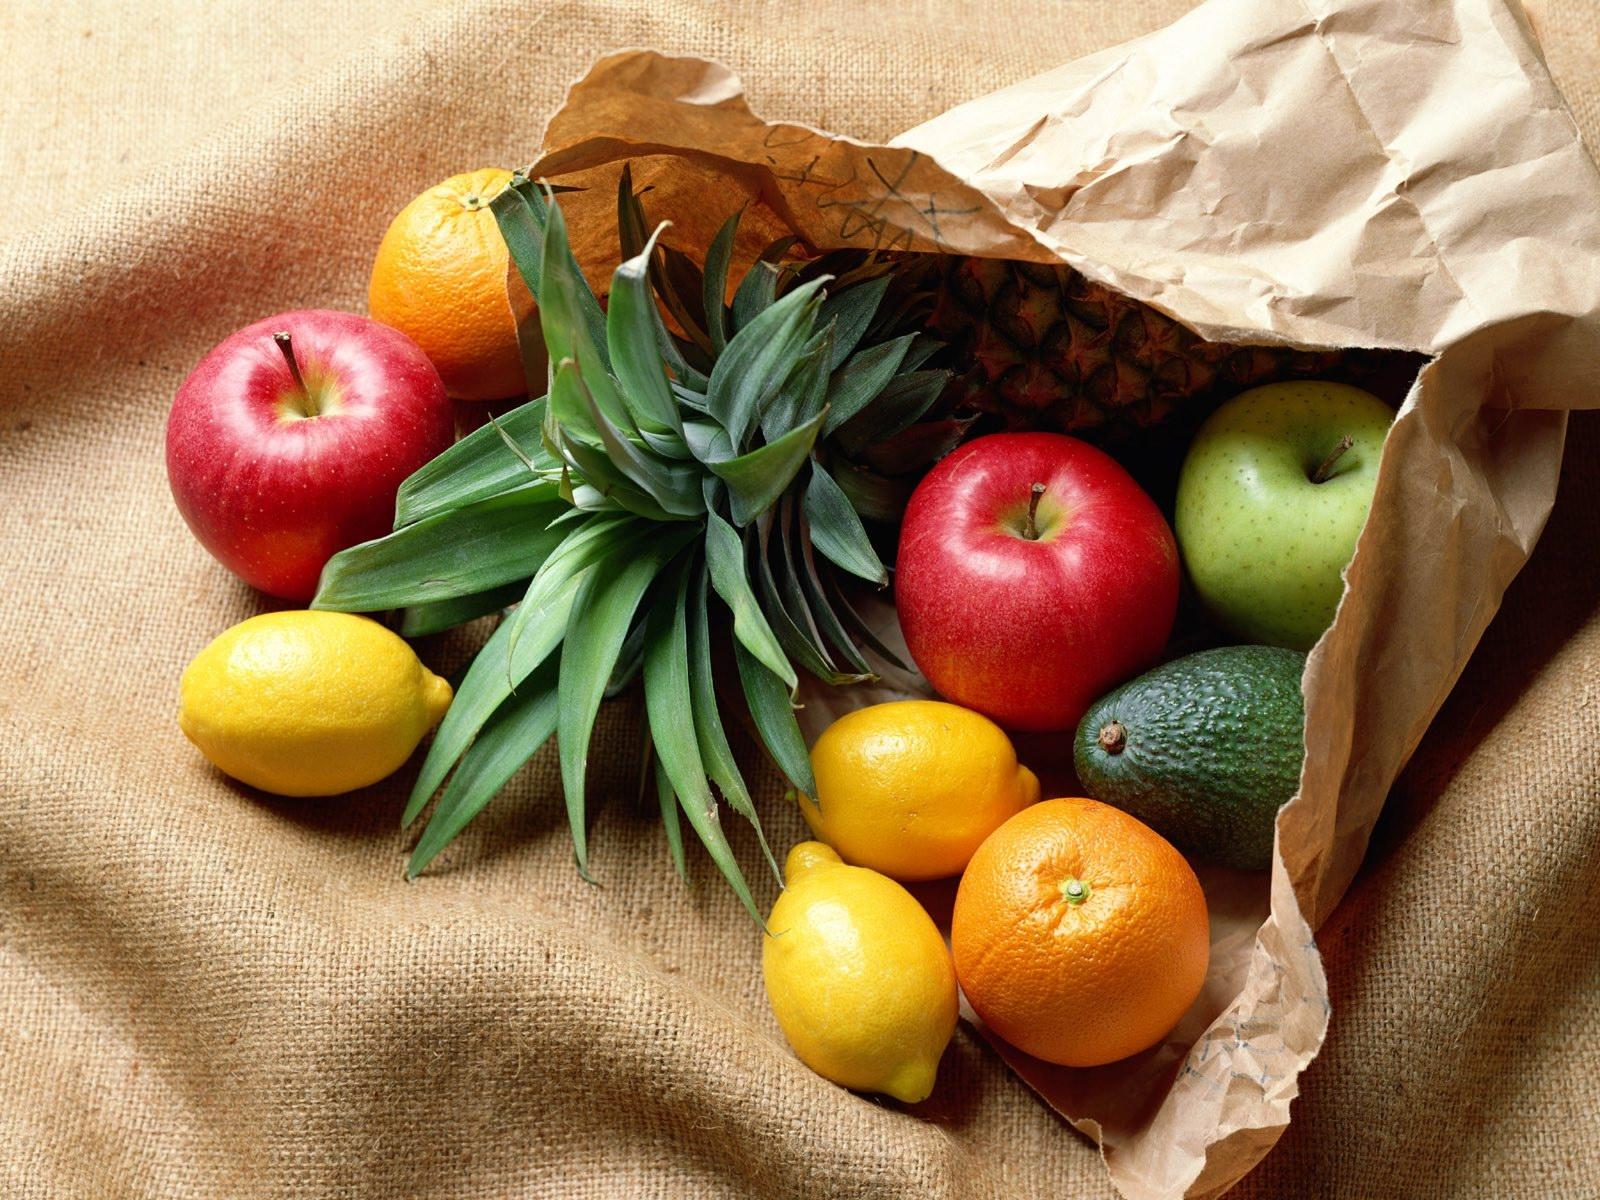 Hintergrundbilder : Malerei, Lebensmittel, Frucht, Äpfel, Zitronen ...